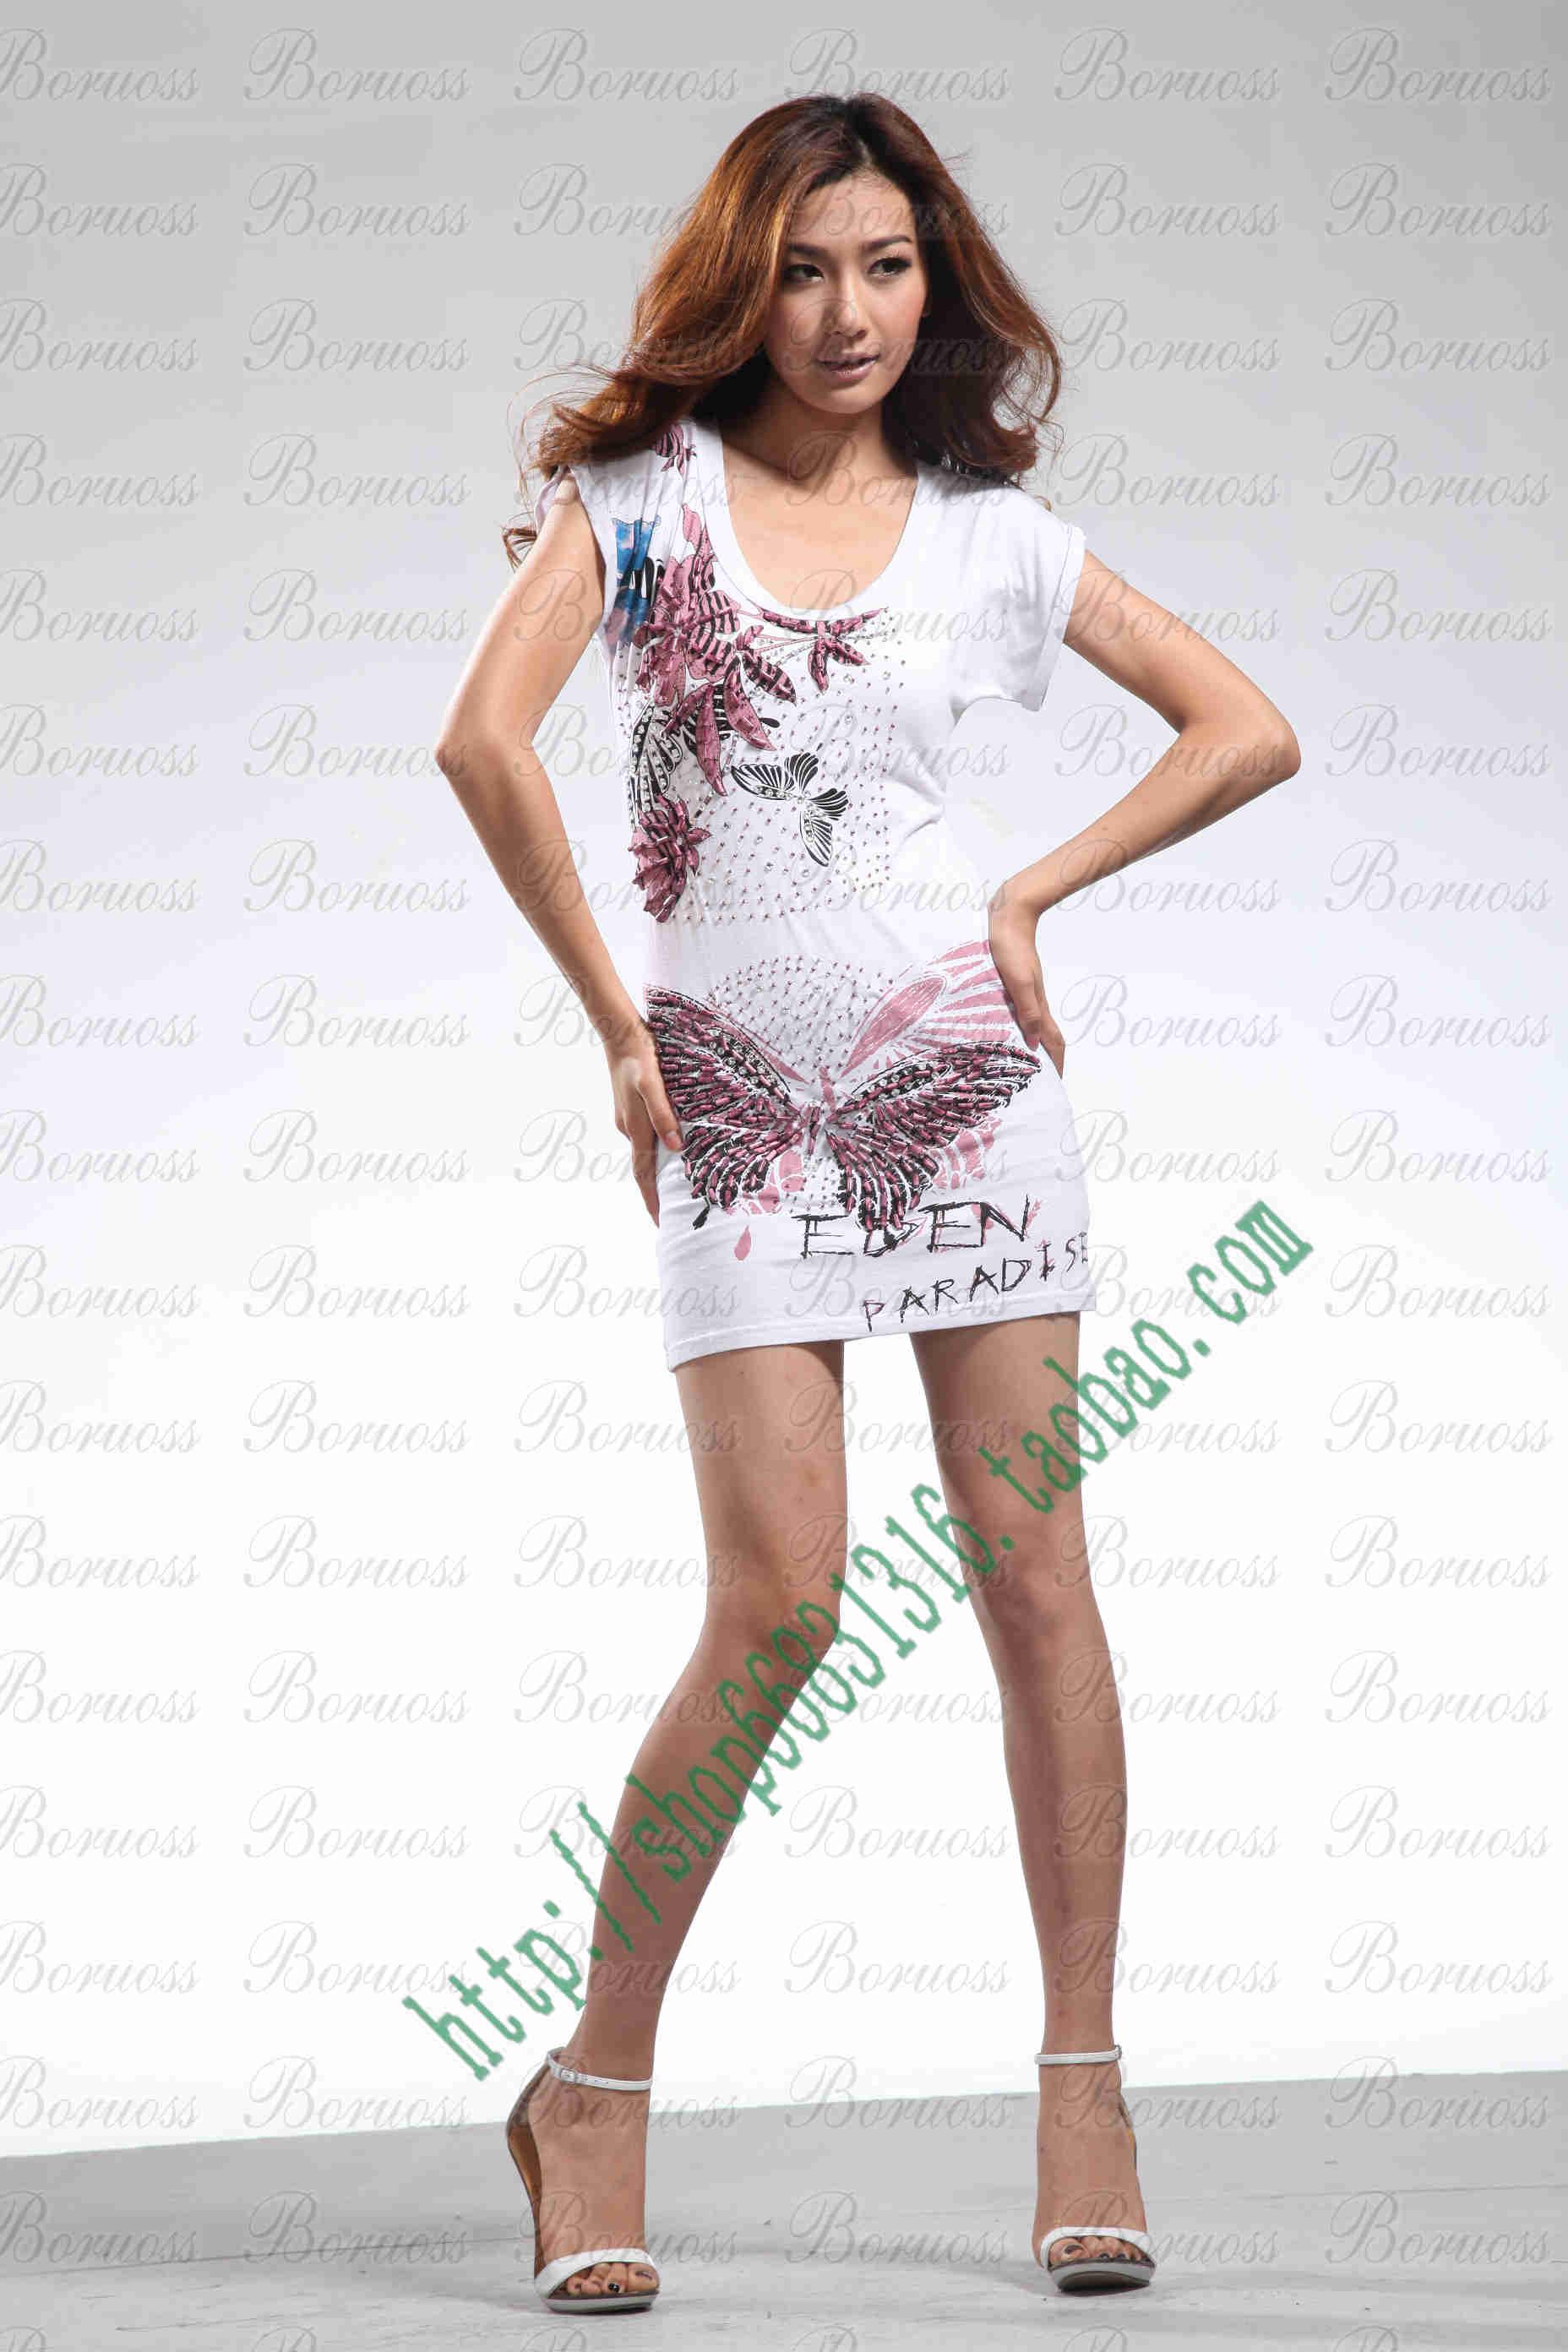 的. 胖女孩如单穿连衣裙,容易显胖.搭配蓬蓬裙后能增加全身高清图片